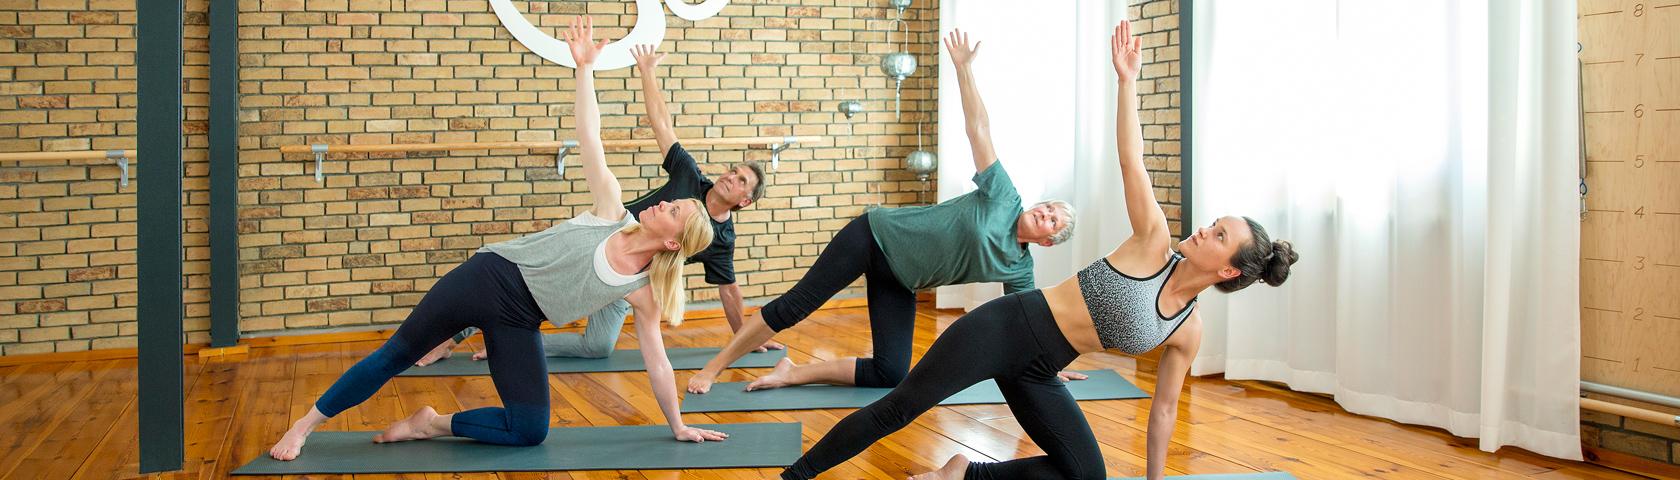 yoga_allg_cut_6131_02.jpg